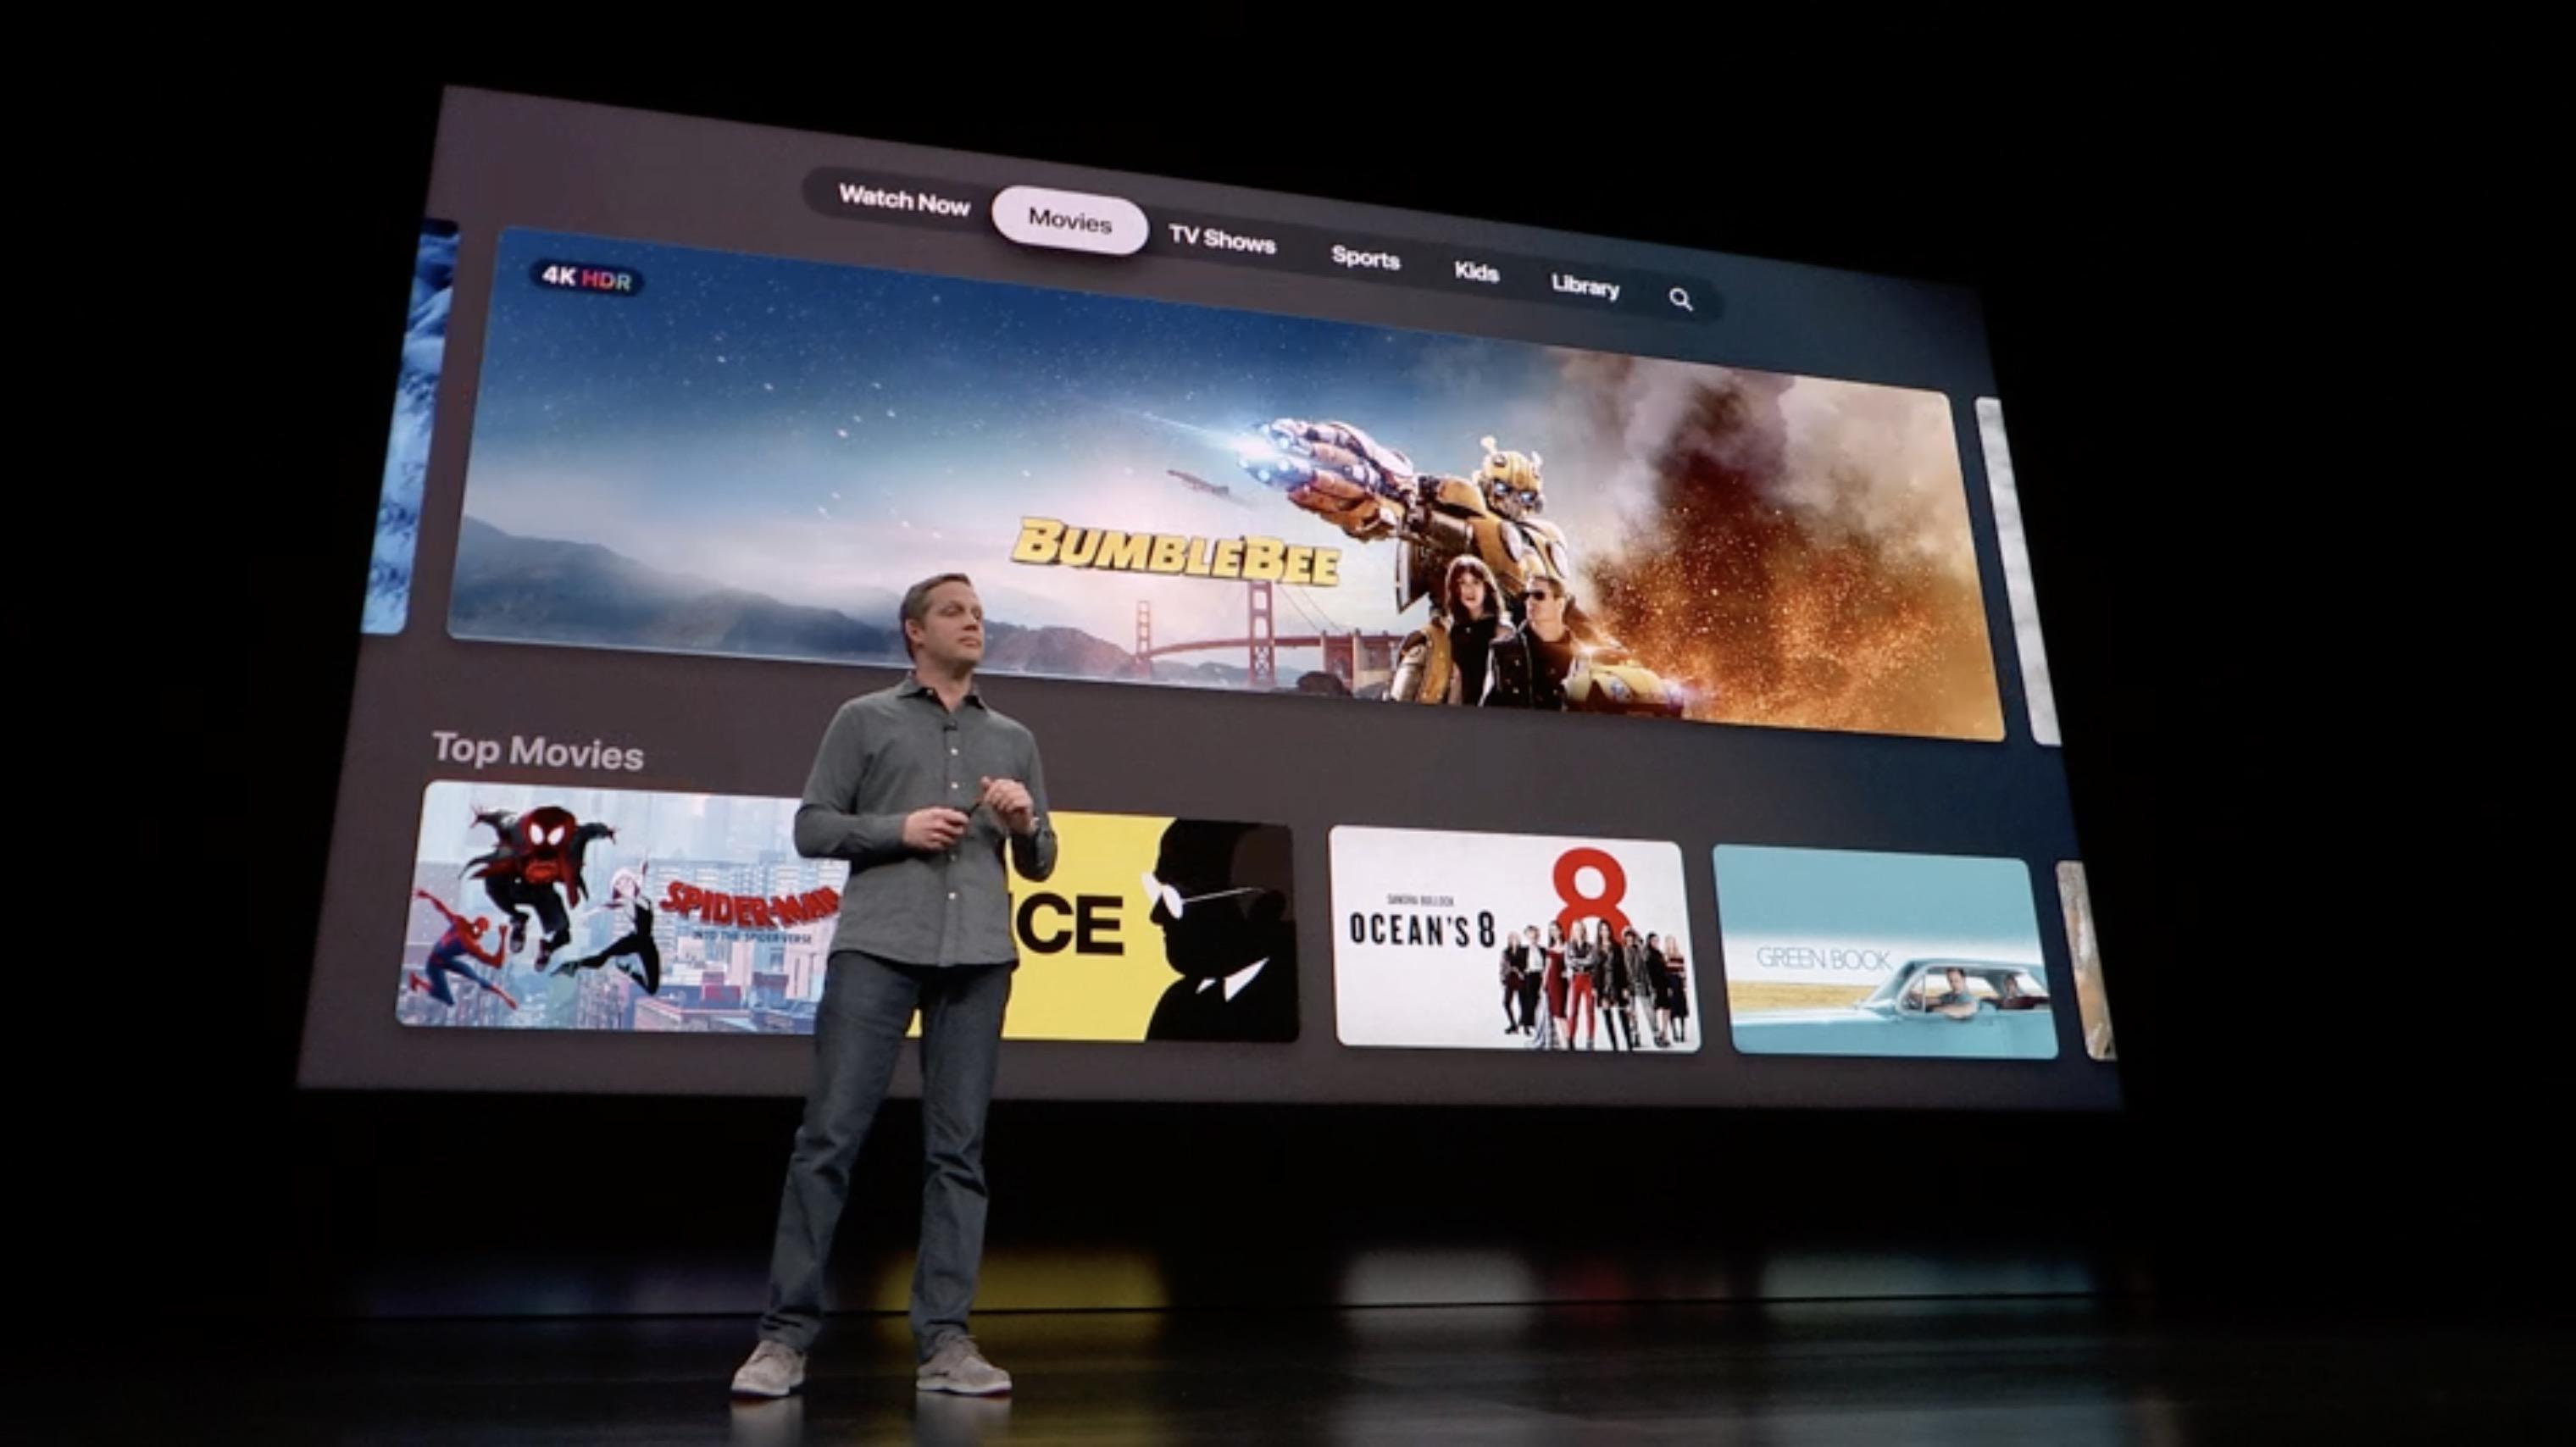 Oto Apple TV+. Usługa, która powalczy z Netfliksem i HBO Go